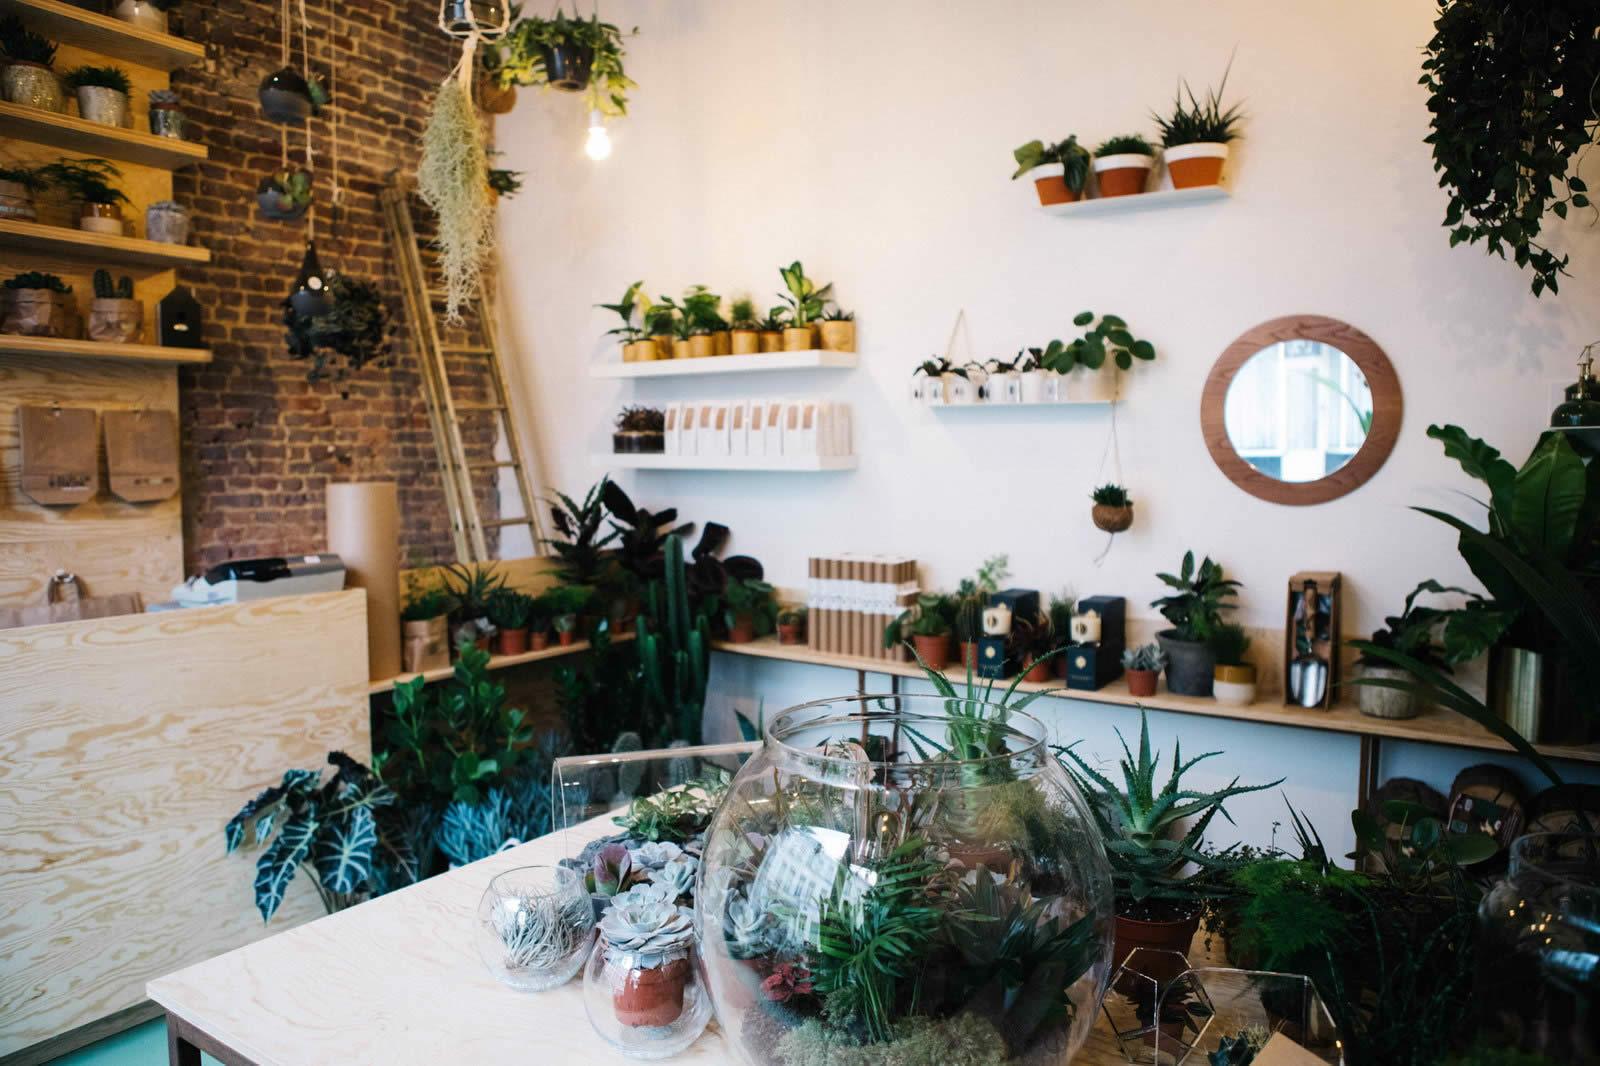 agave-boutique-plantes-decorations-composees-belgique